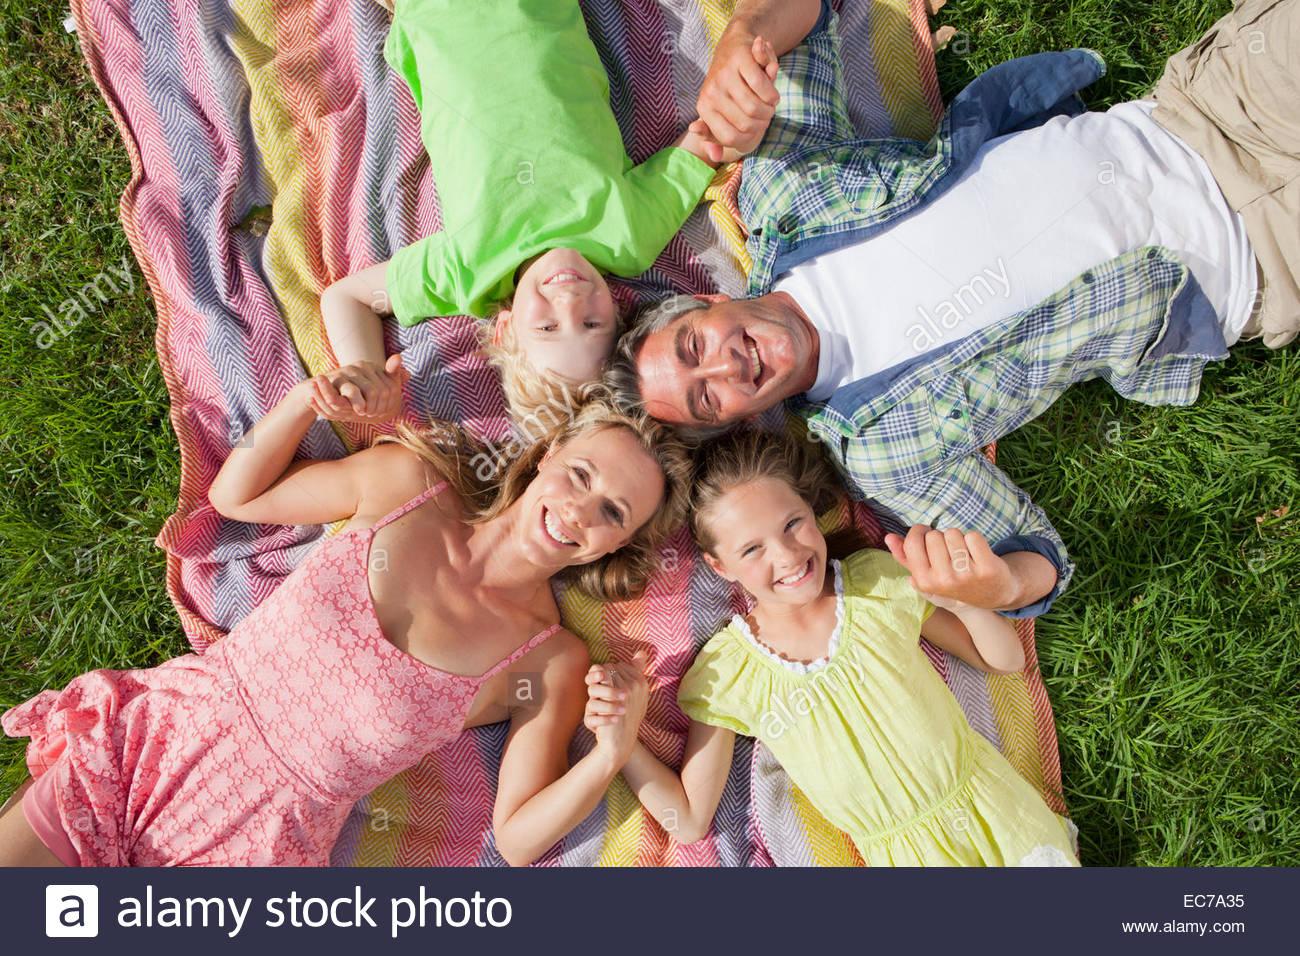 Sobrecarga retrato de una familia de generación múltiple recostados sobre el pasto Imagen De Stock